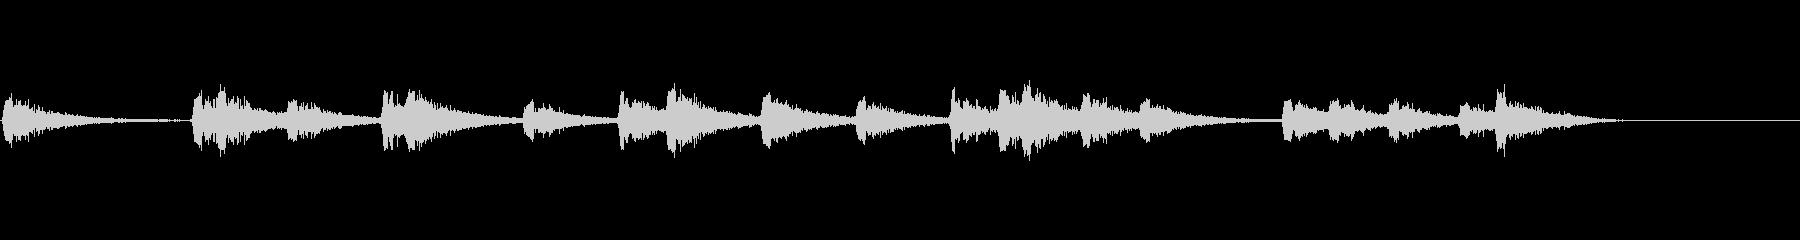 チュンチュン(鳥の声)の未再生の波形